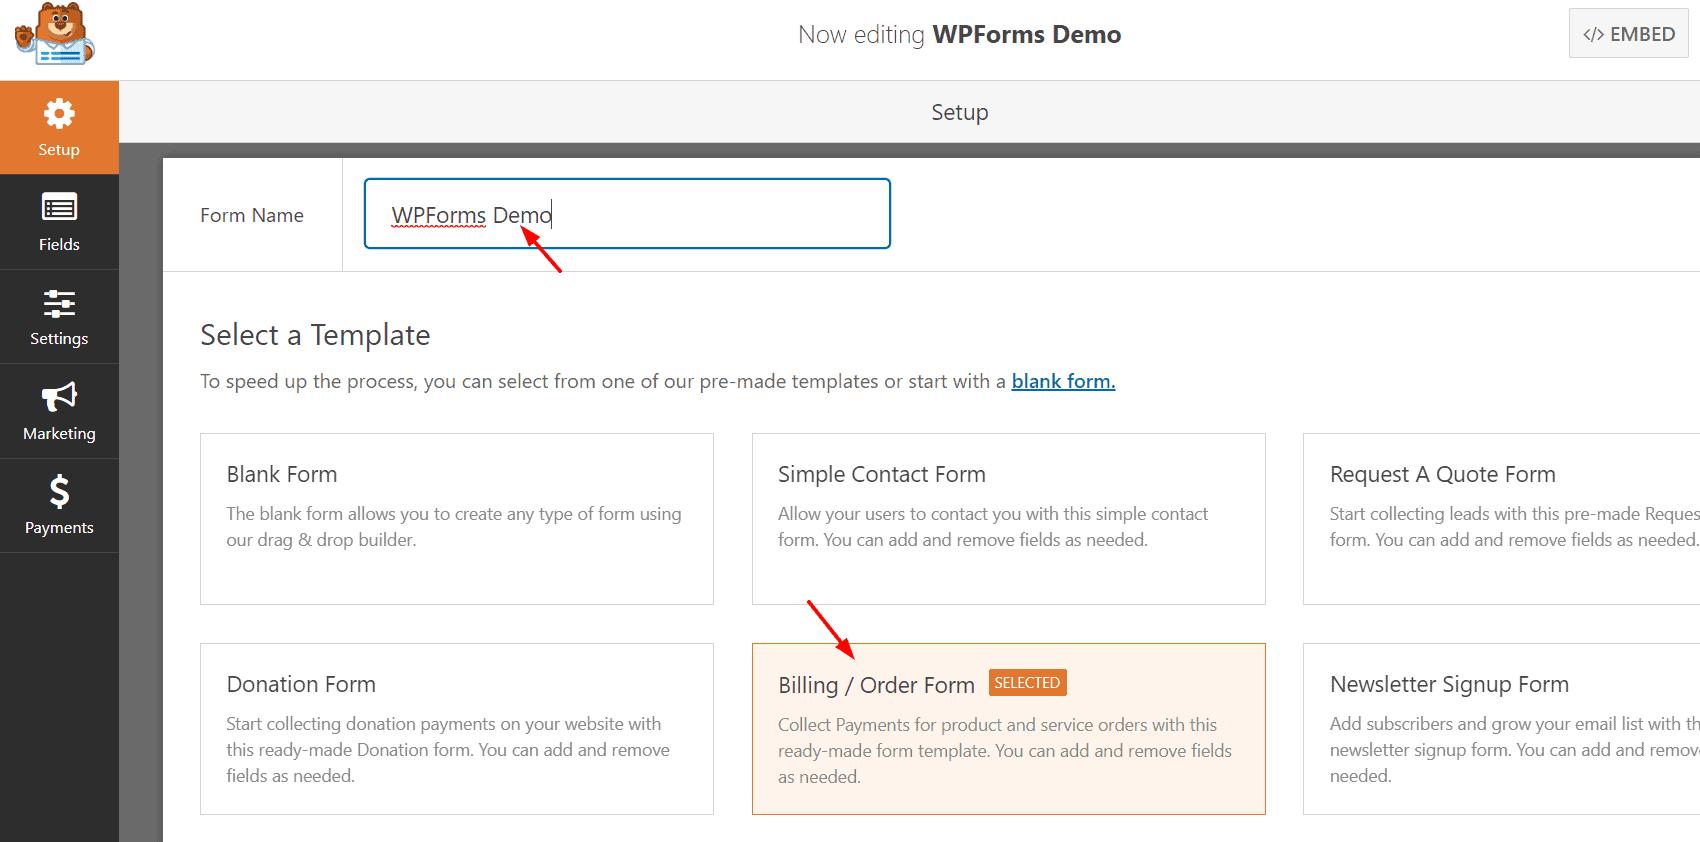 wpforms demo form